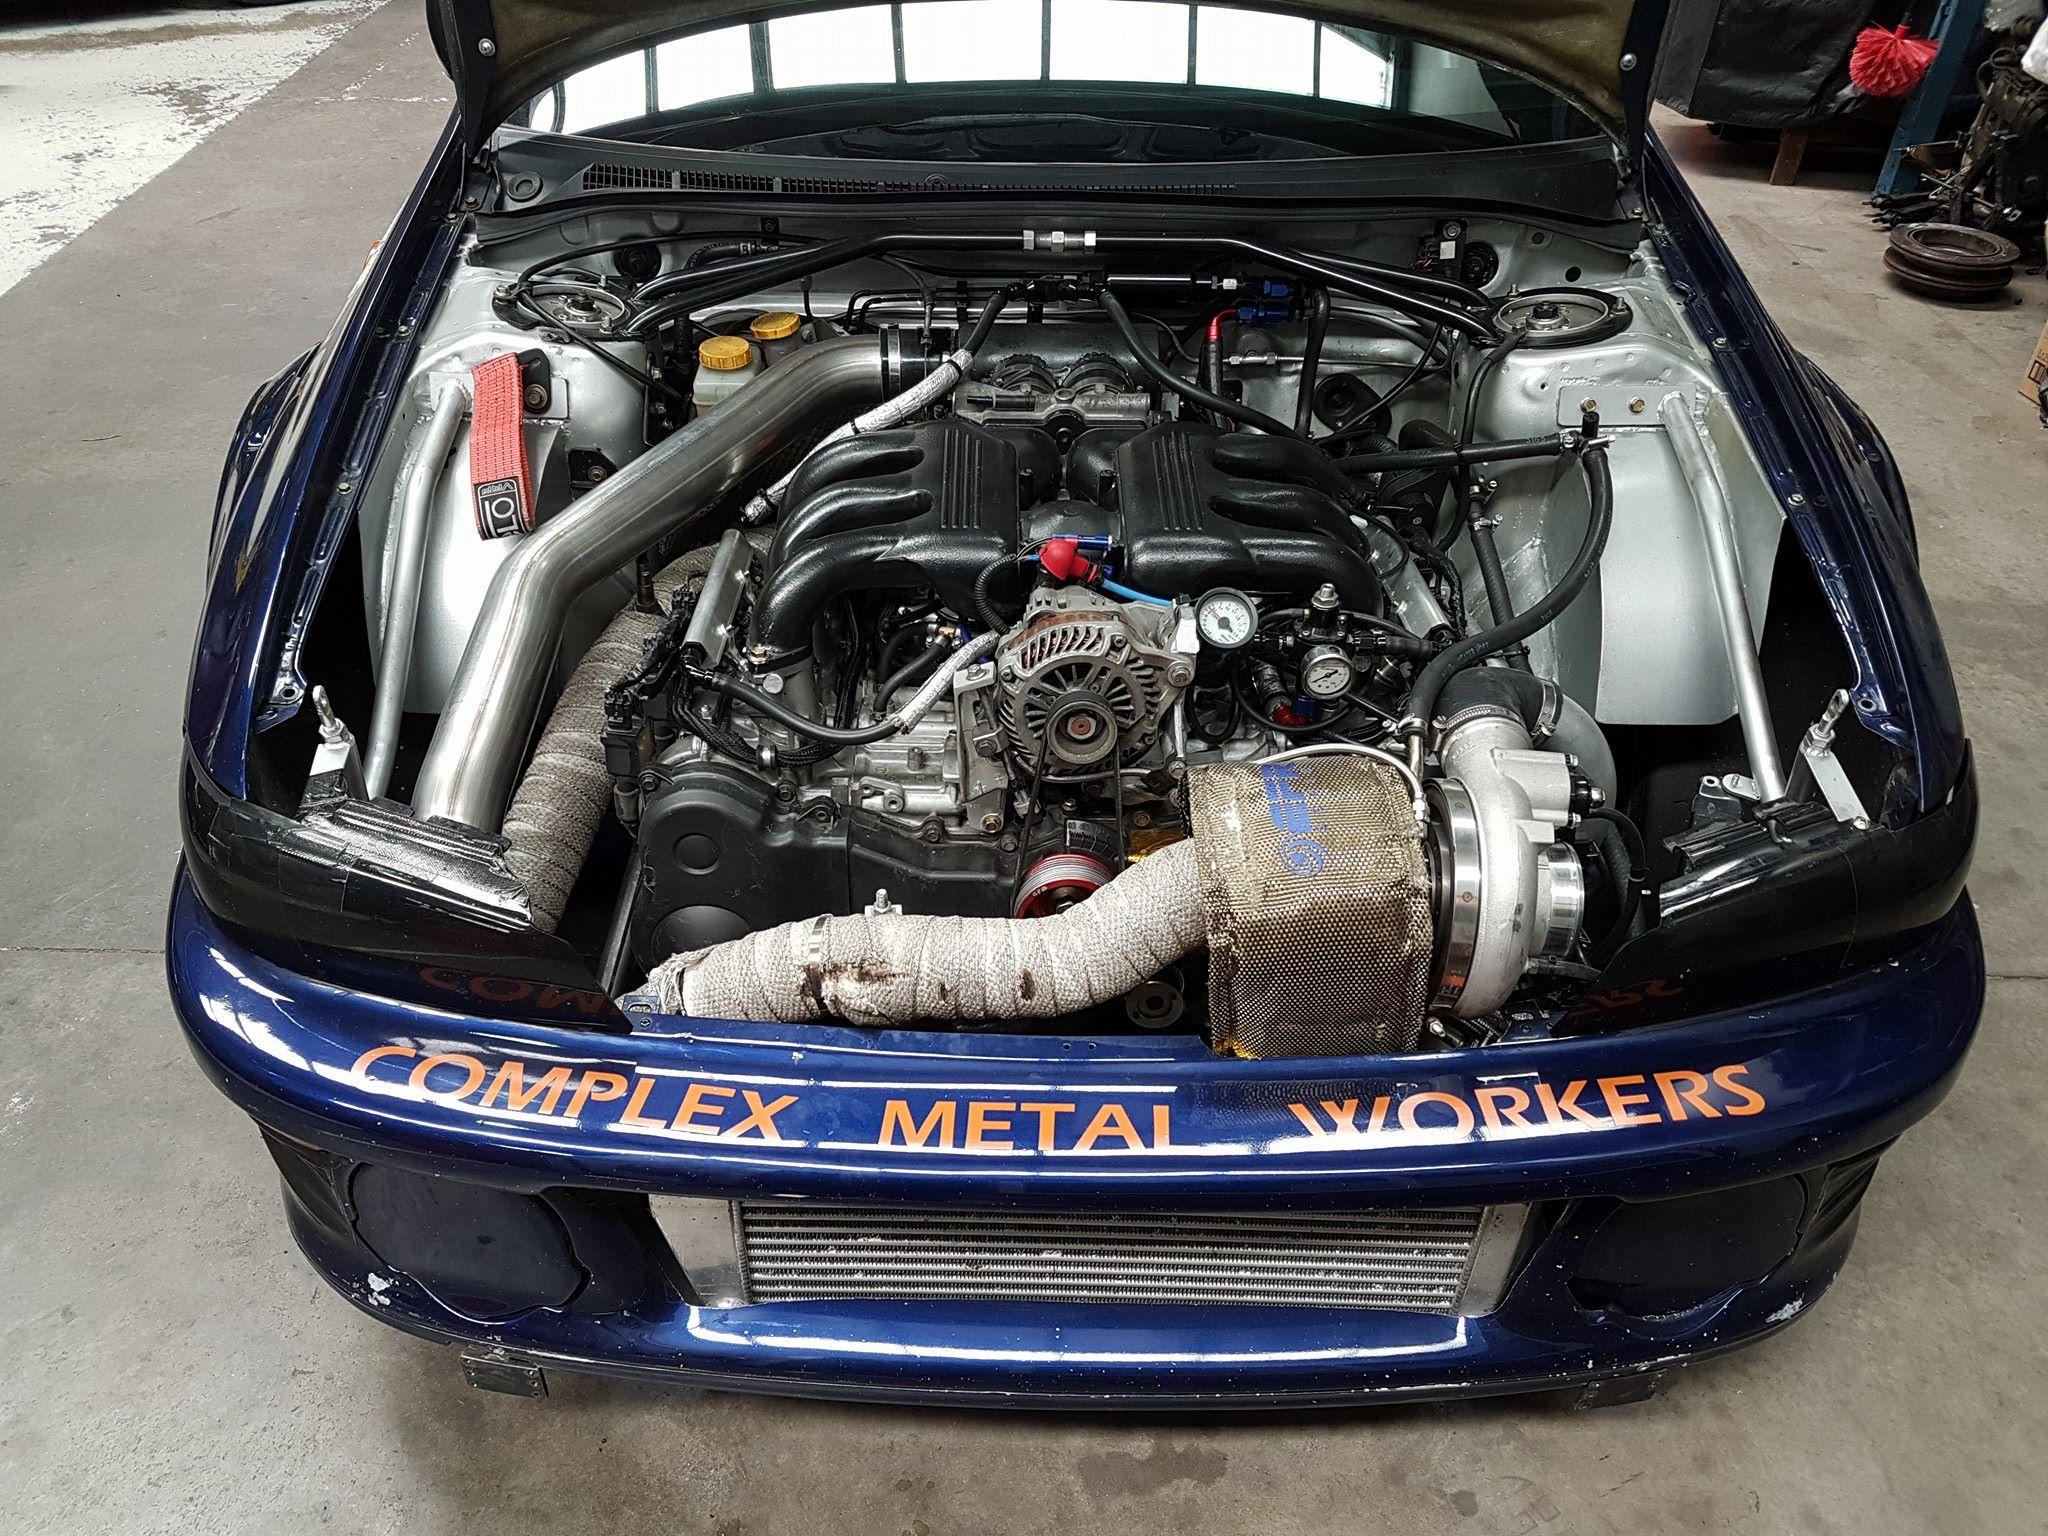 Subaru Impreza Wrx With A Turbo Eg Flat Six